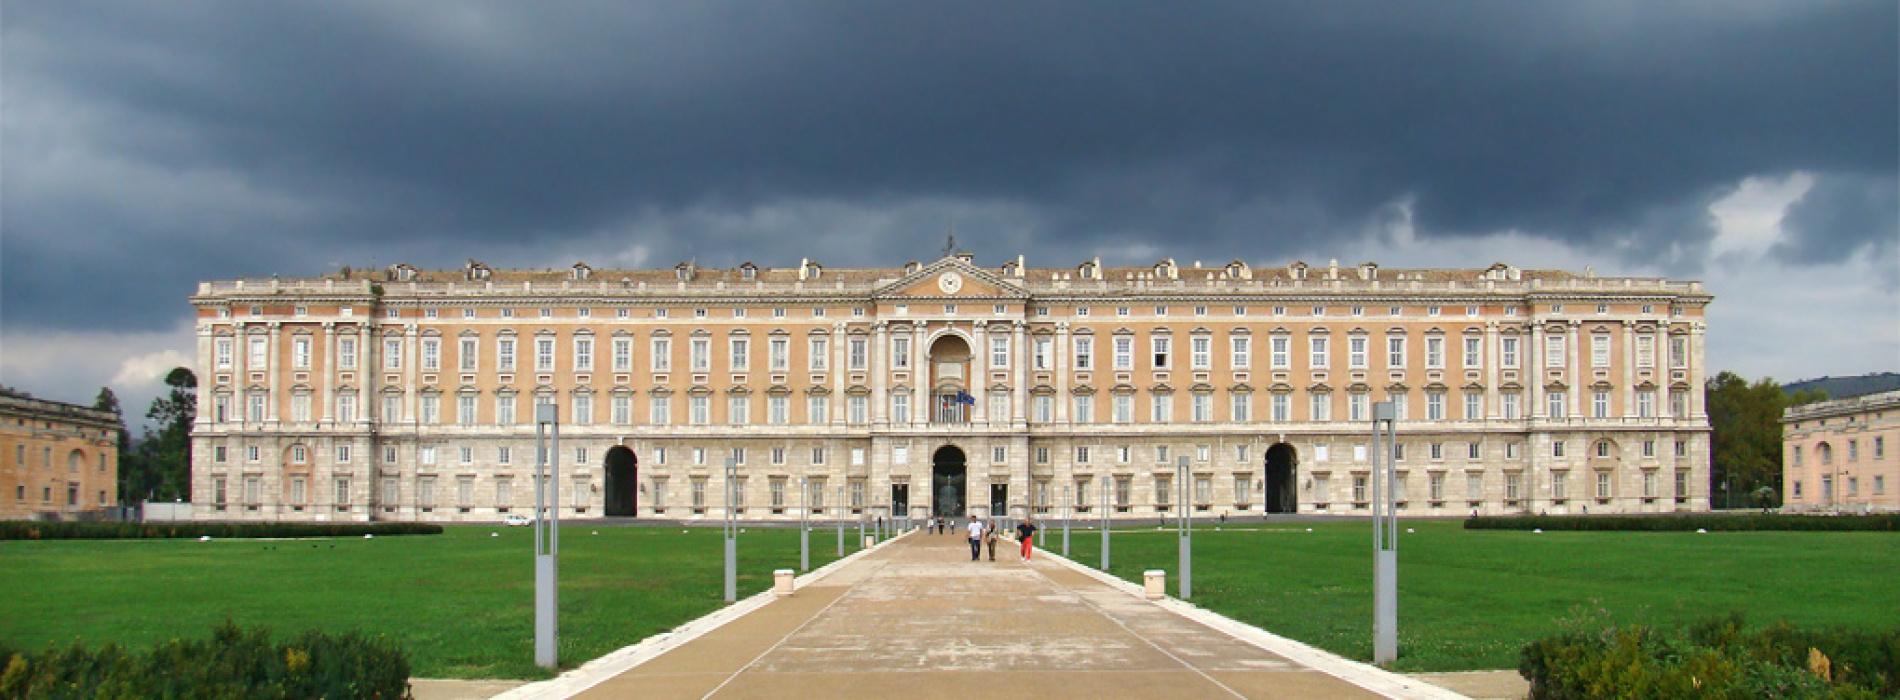 Giornate Europee del Patrimonio, la Reggia risponde presente